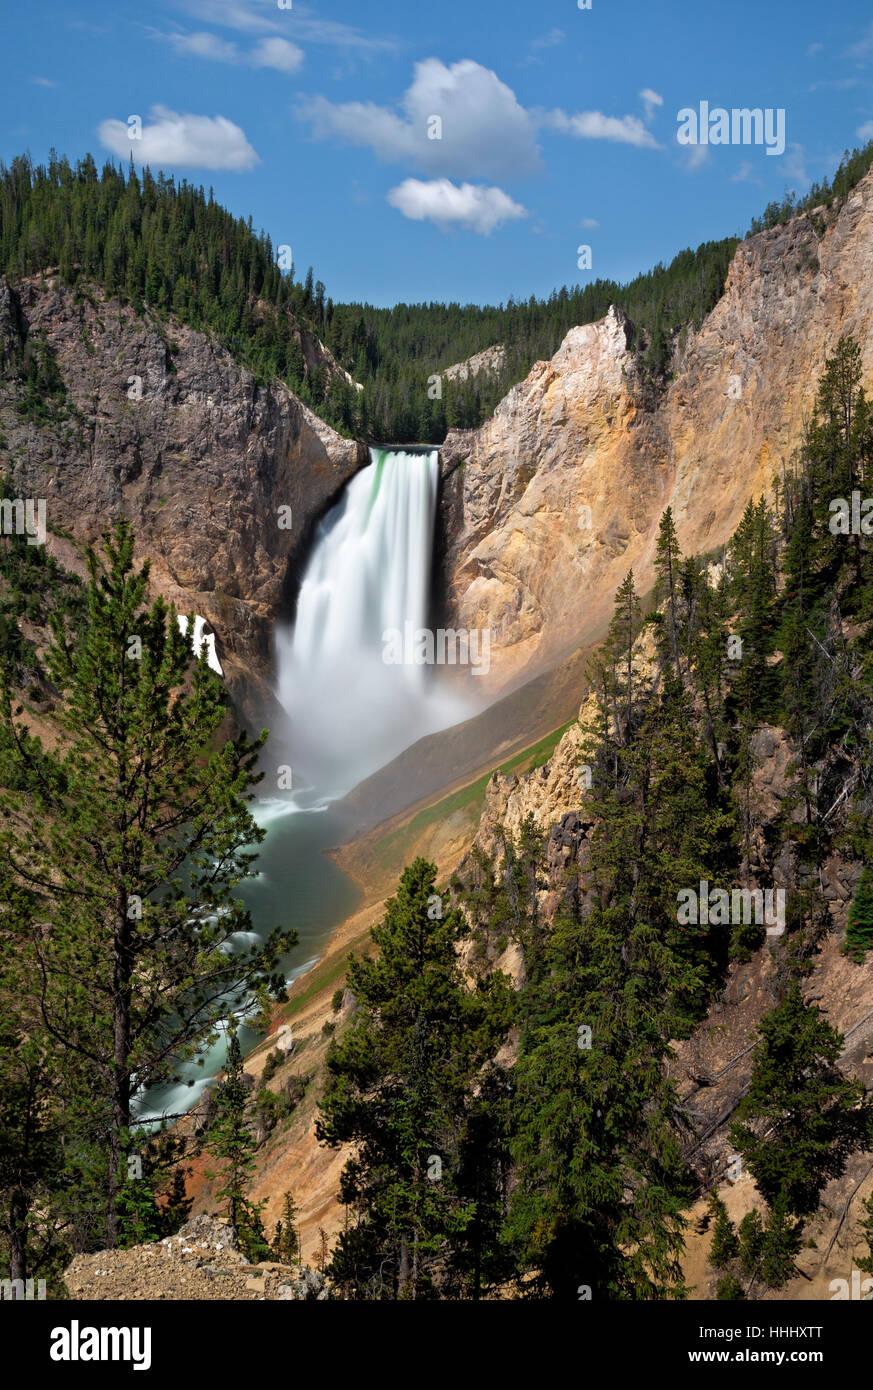 WY02098-00...WASHINGTON - Lower Falls en el Gran Cañón del río Yellowstone en el Parque Nacional de Yellowstone. Foto de stock